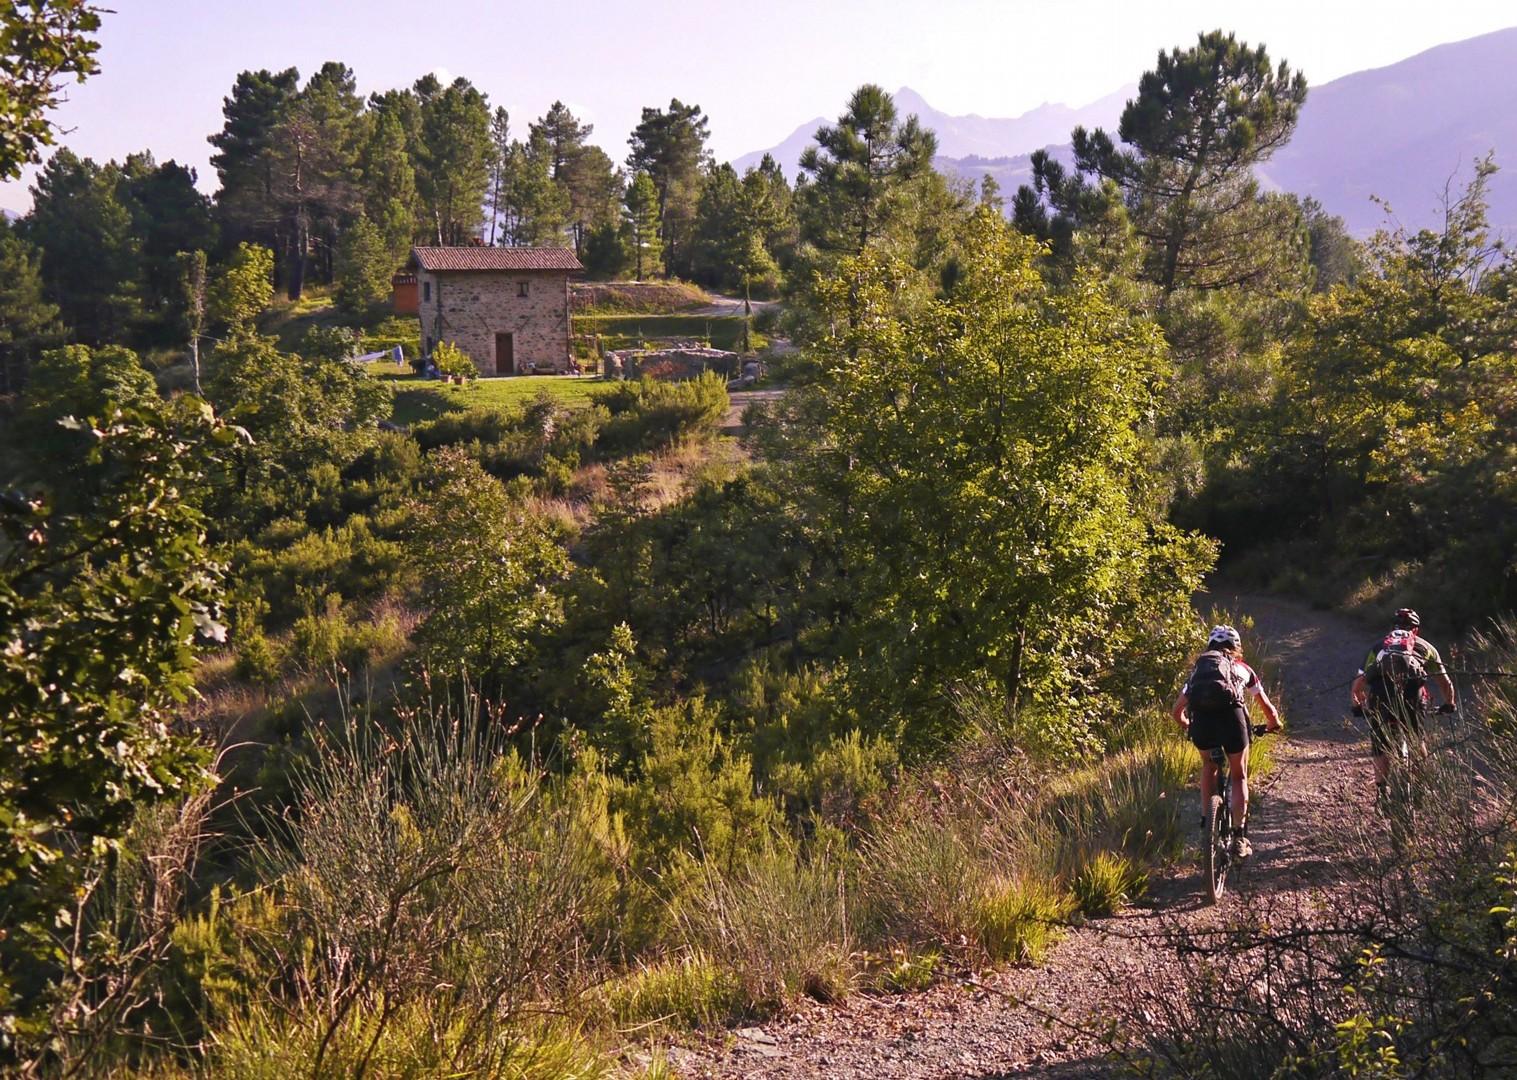 _Holiday.863.16220.jpg - Italy - Via Francigena (Tuscany to Rome) - Guided Mountain Biking Holiday - Italia Mountain Biking